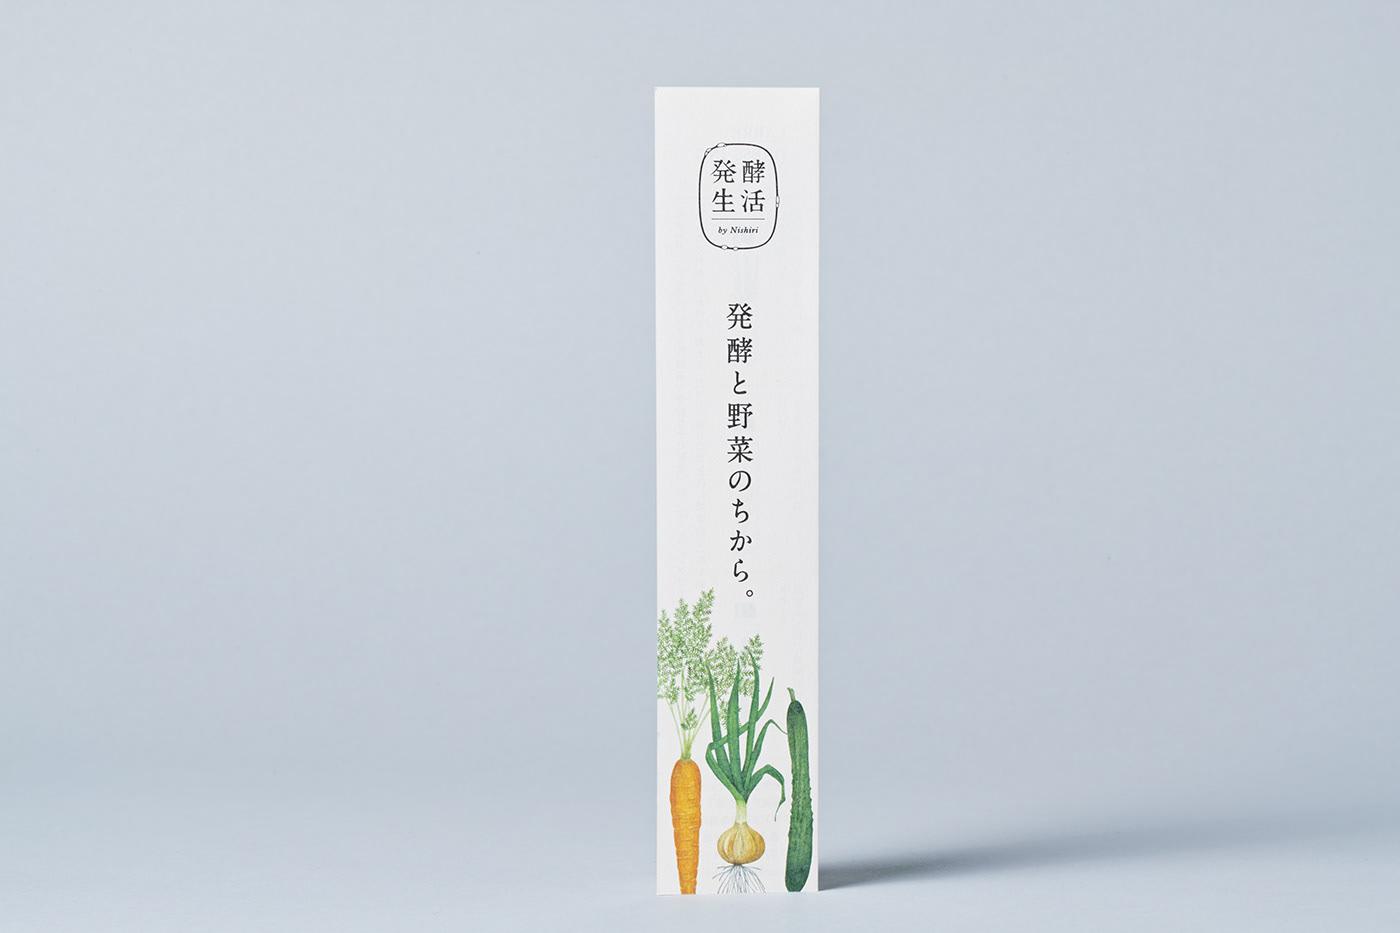 我们怎样才能使京都一家历史悠久的公司现代化?